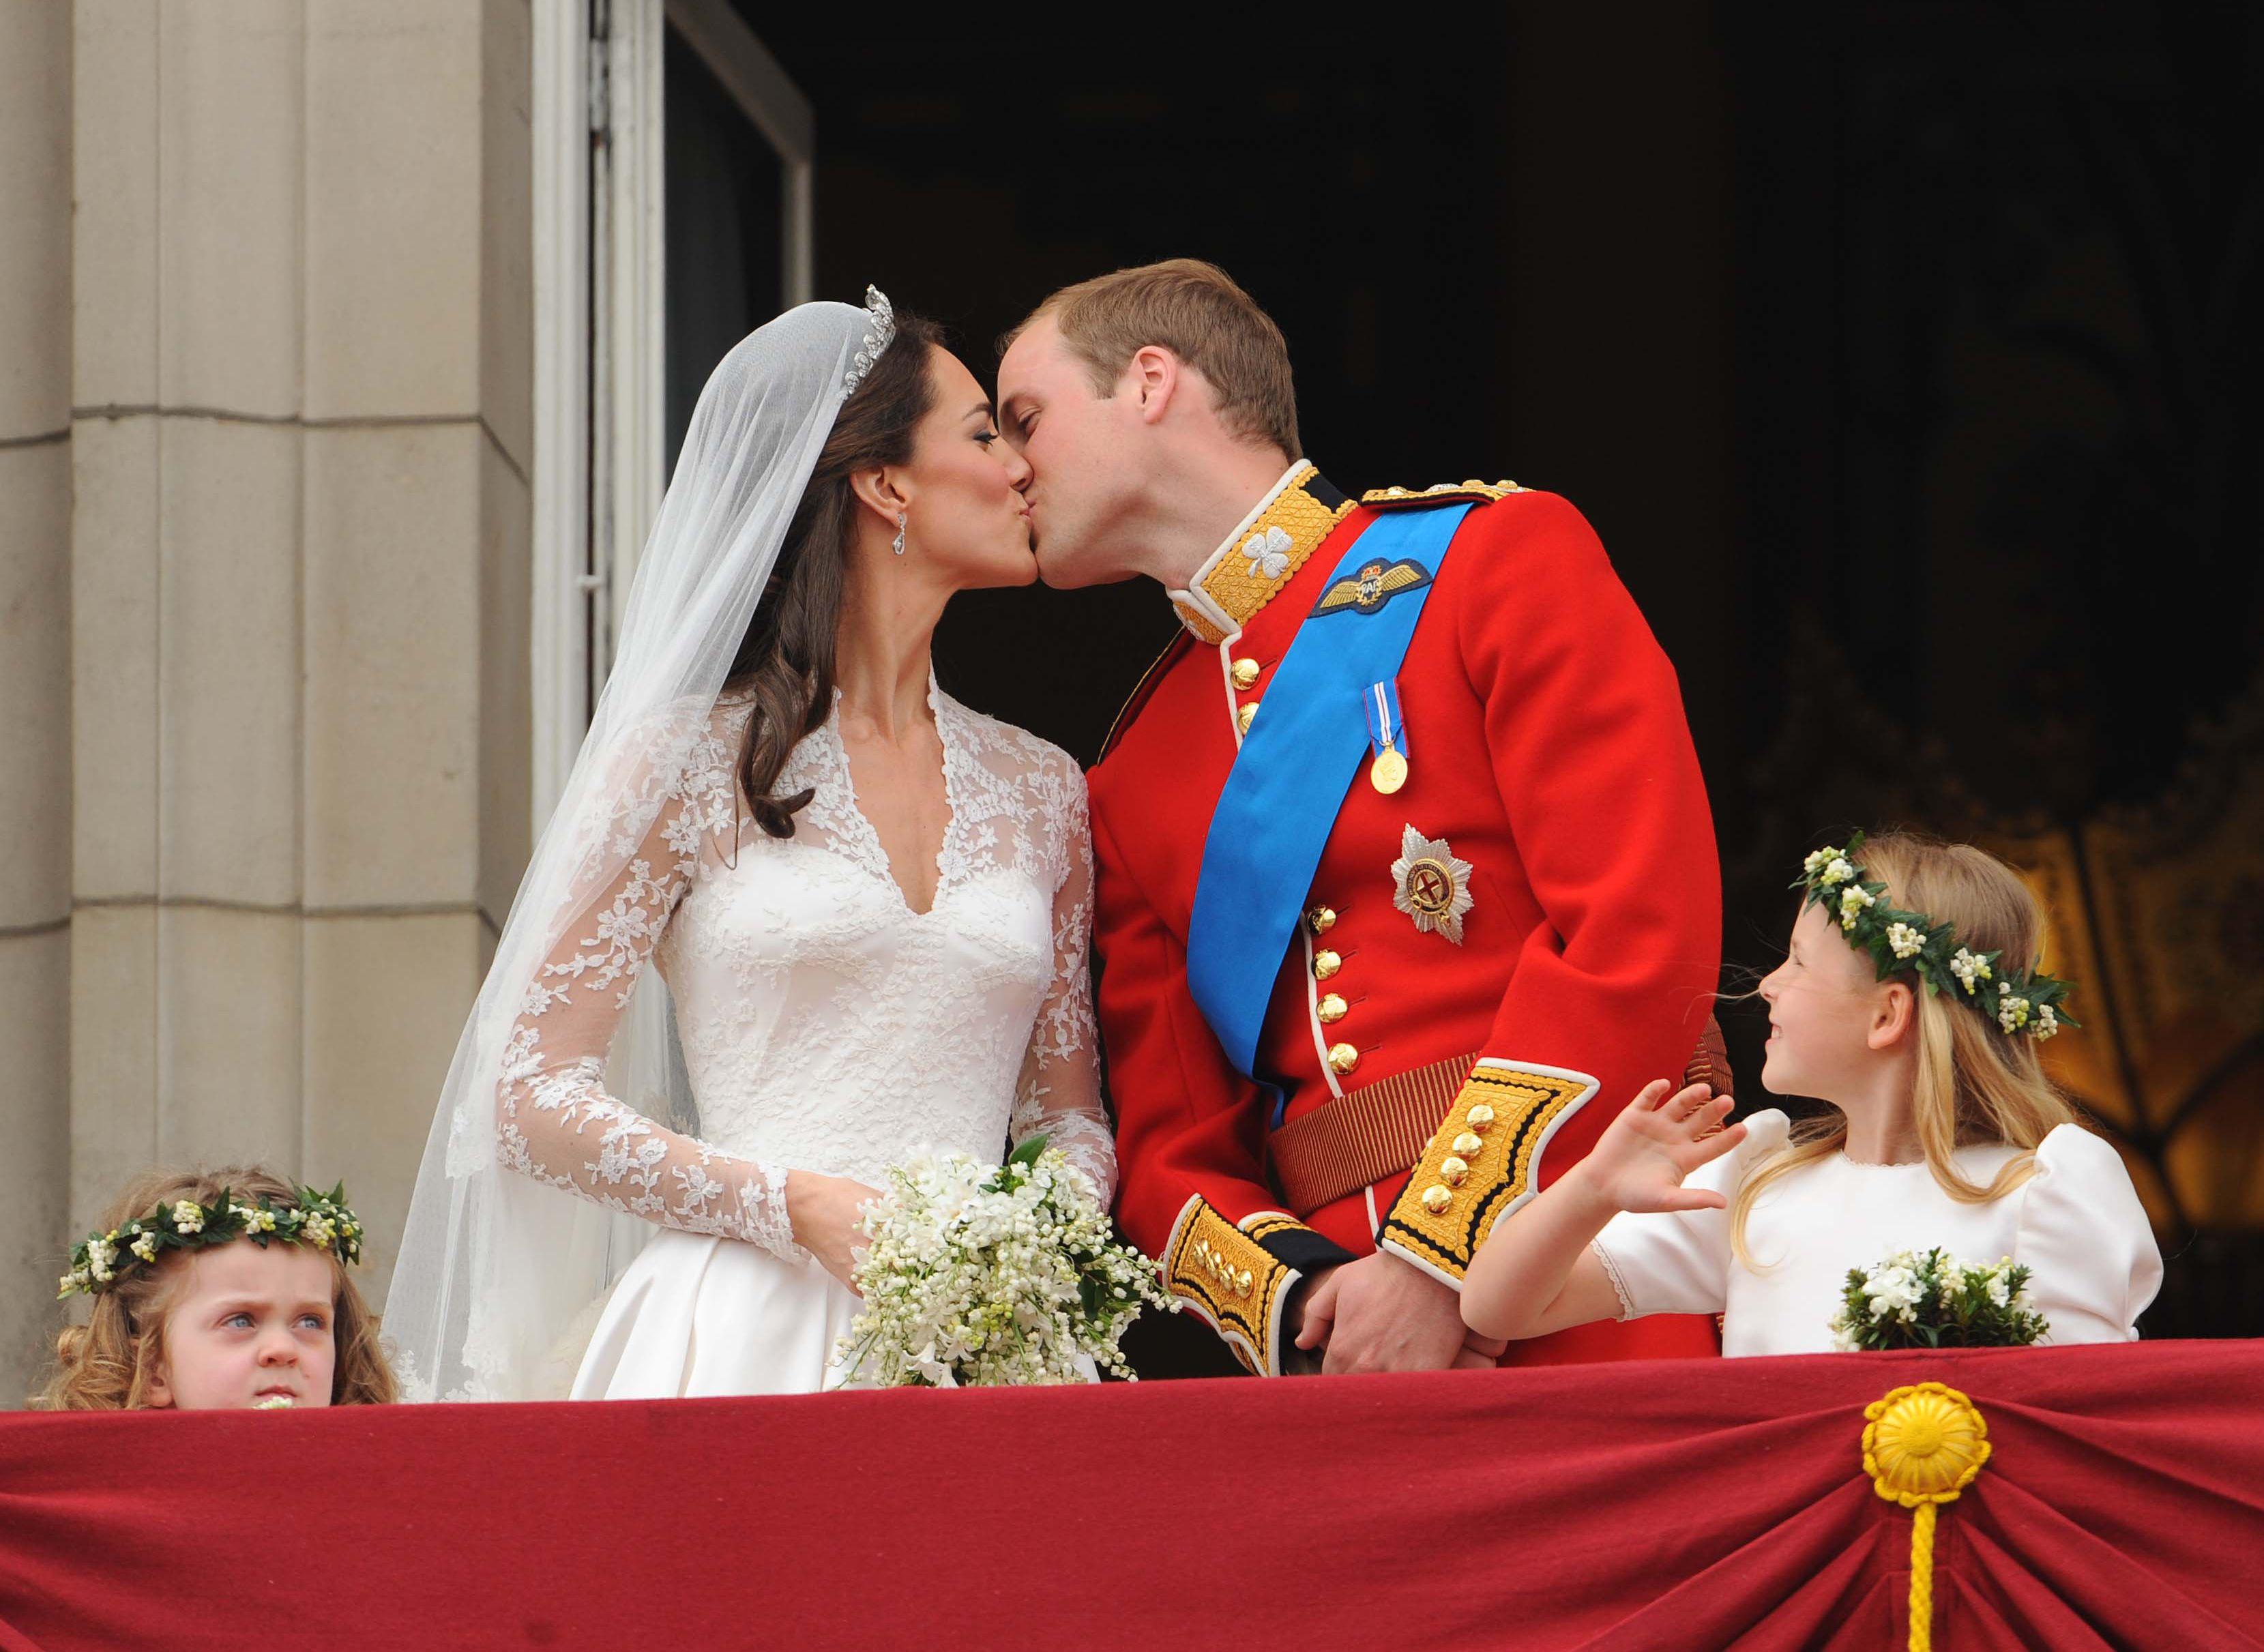 Prinţul William şi Kate Middleton scot la licitaţie o felie de tort de la nuntă